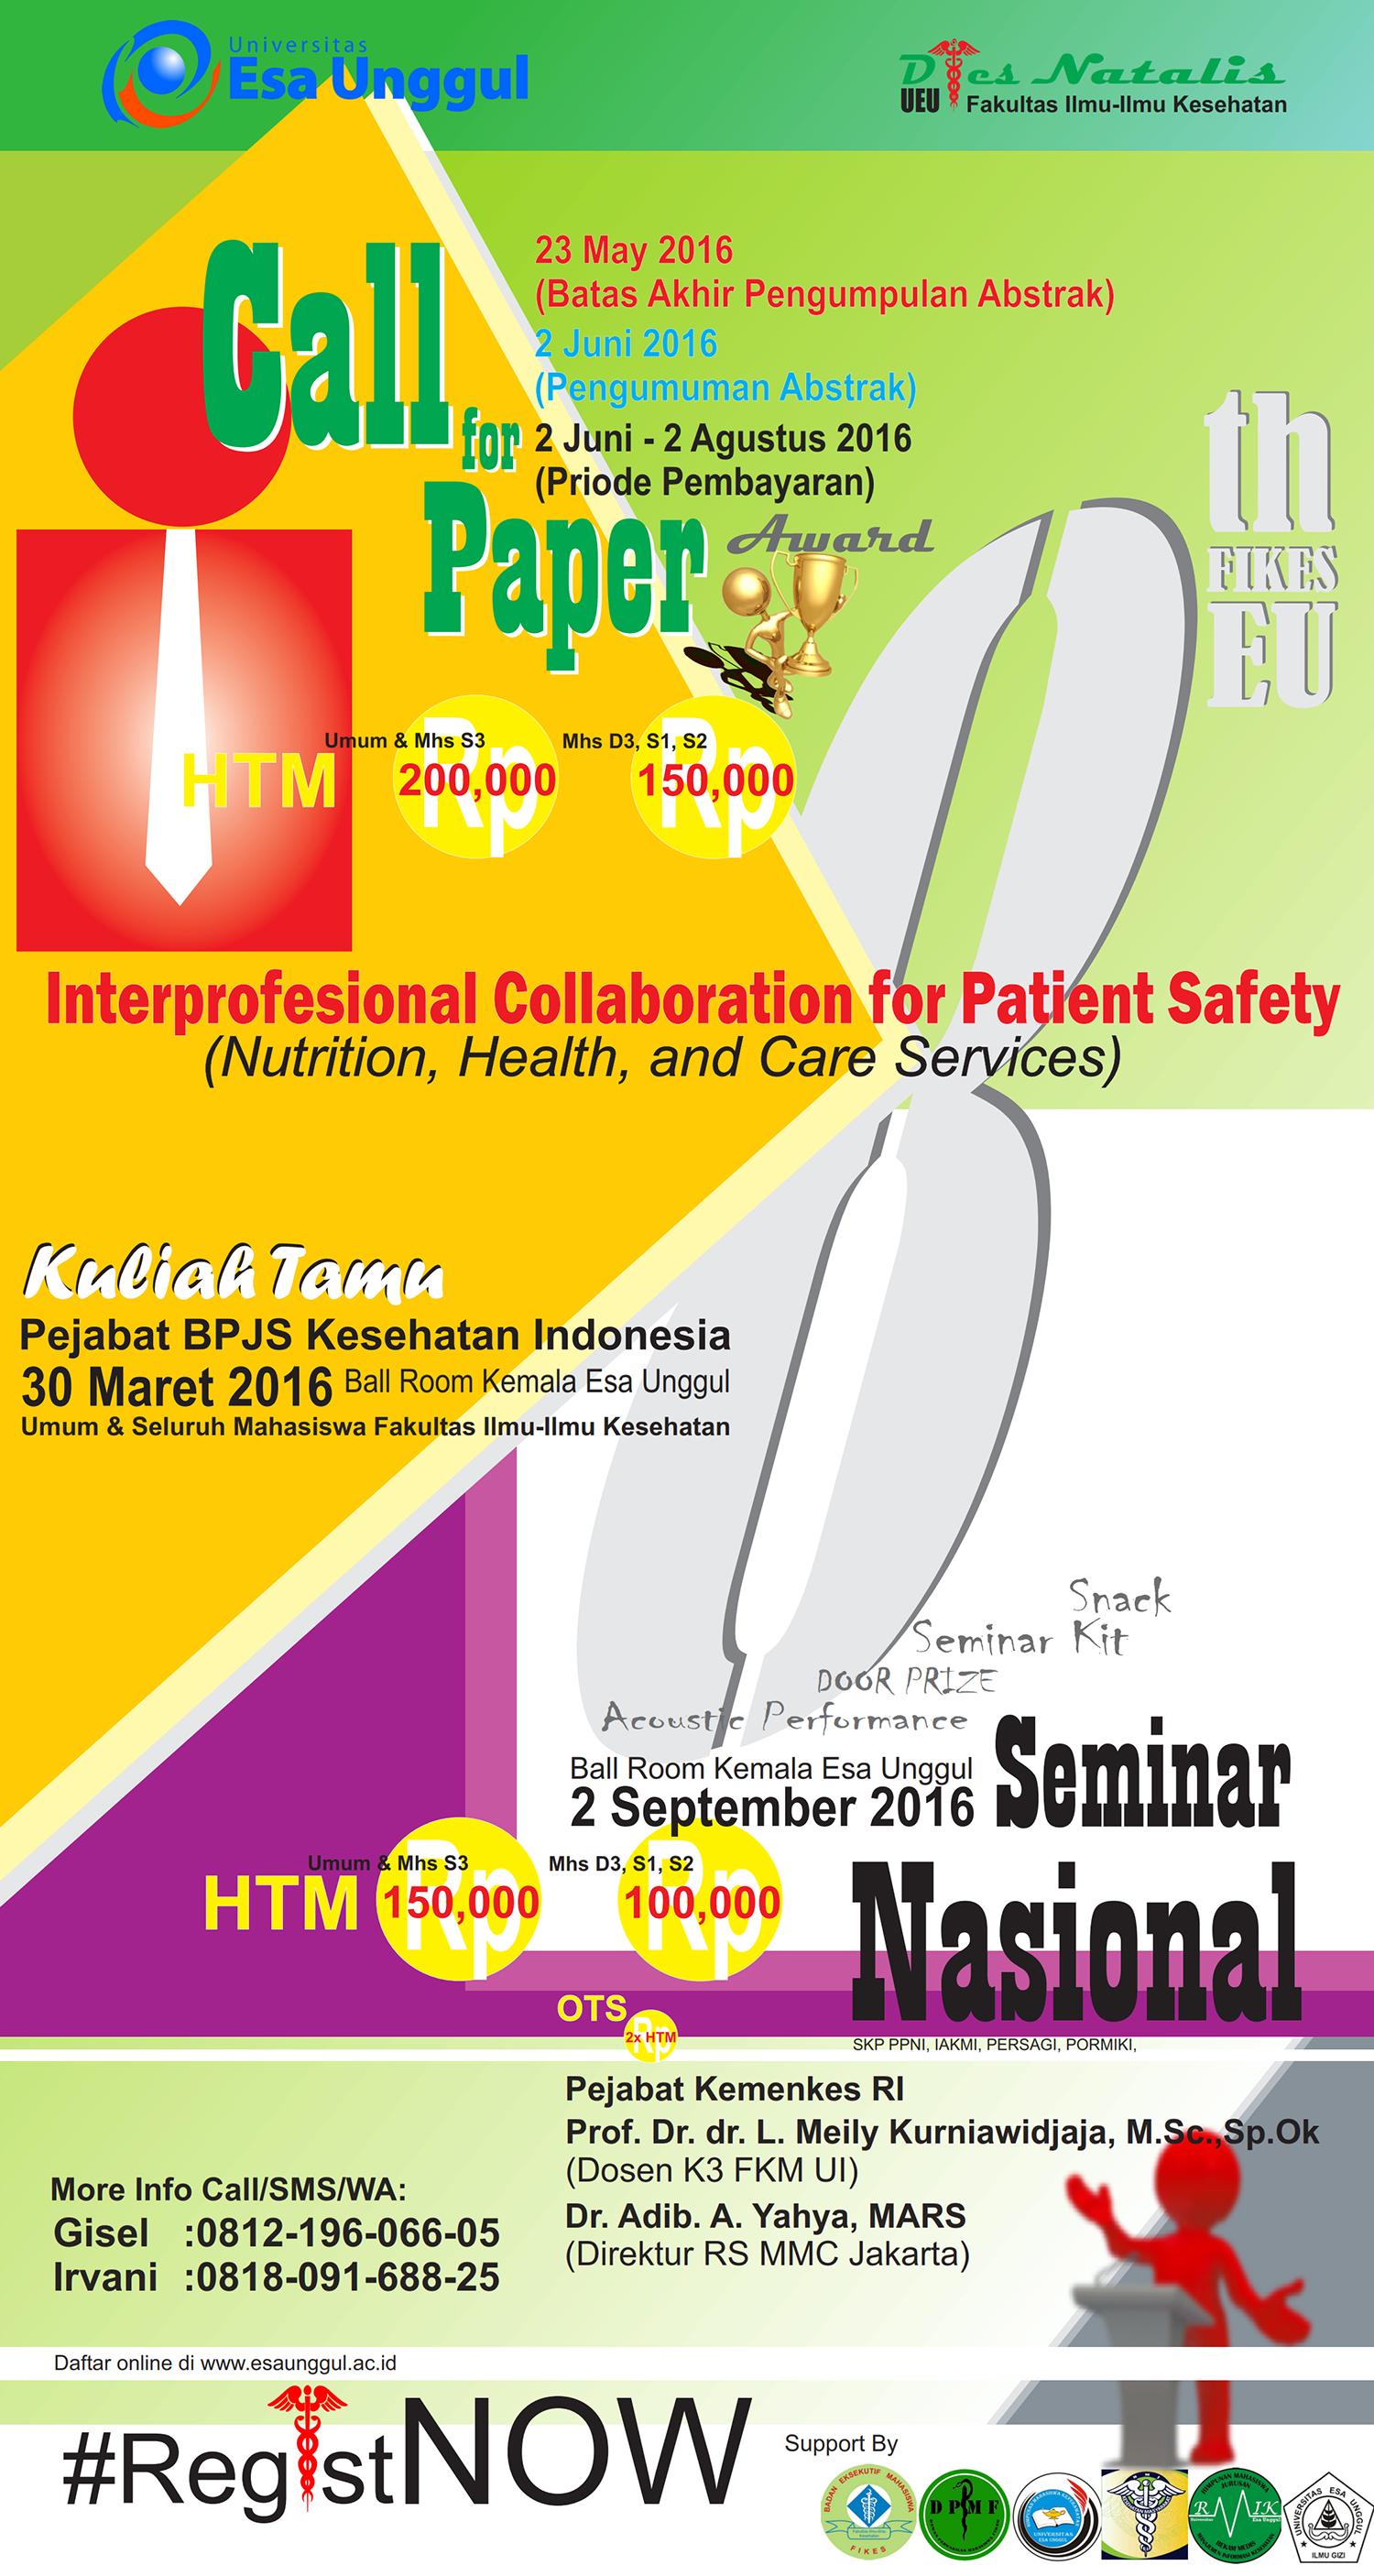 Call for Paper dan Seminar Nasional FIKES Esa Unggul